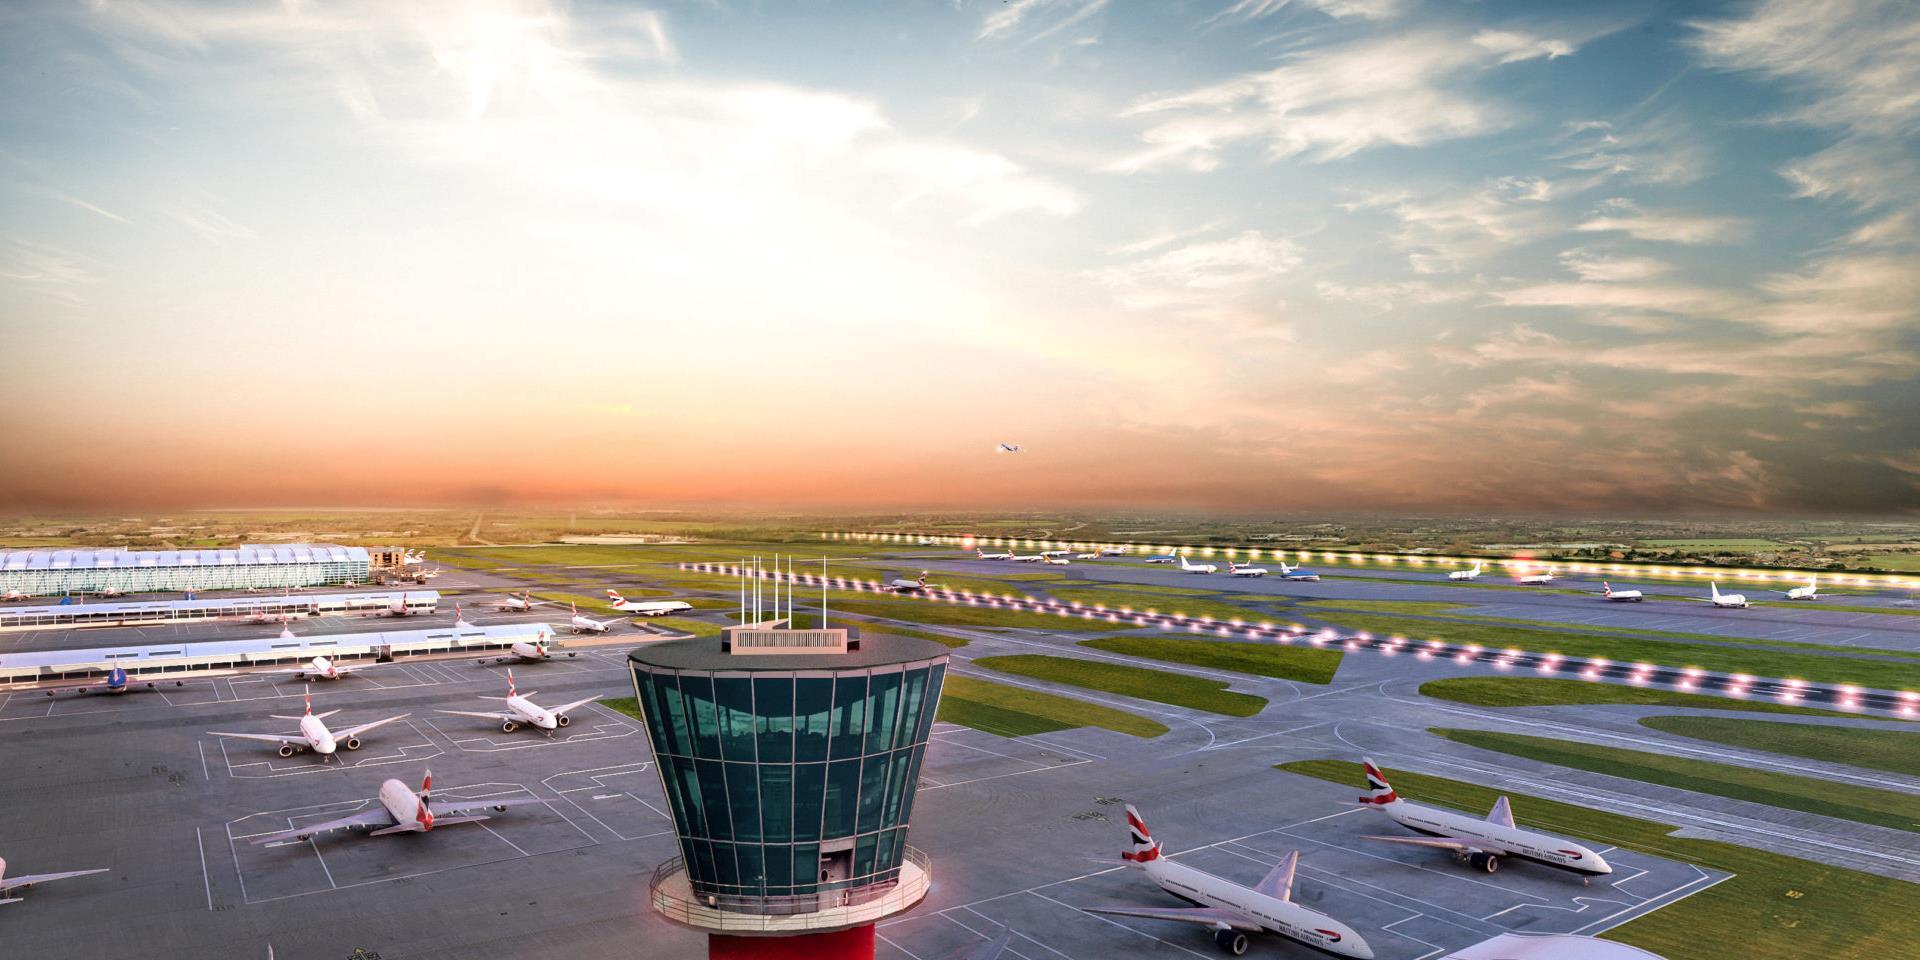 ¿Cuál será el nuevo aeropuerto más grande del mundo?